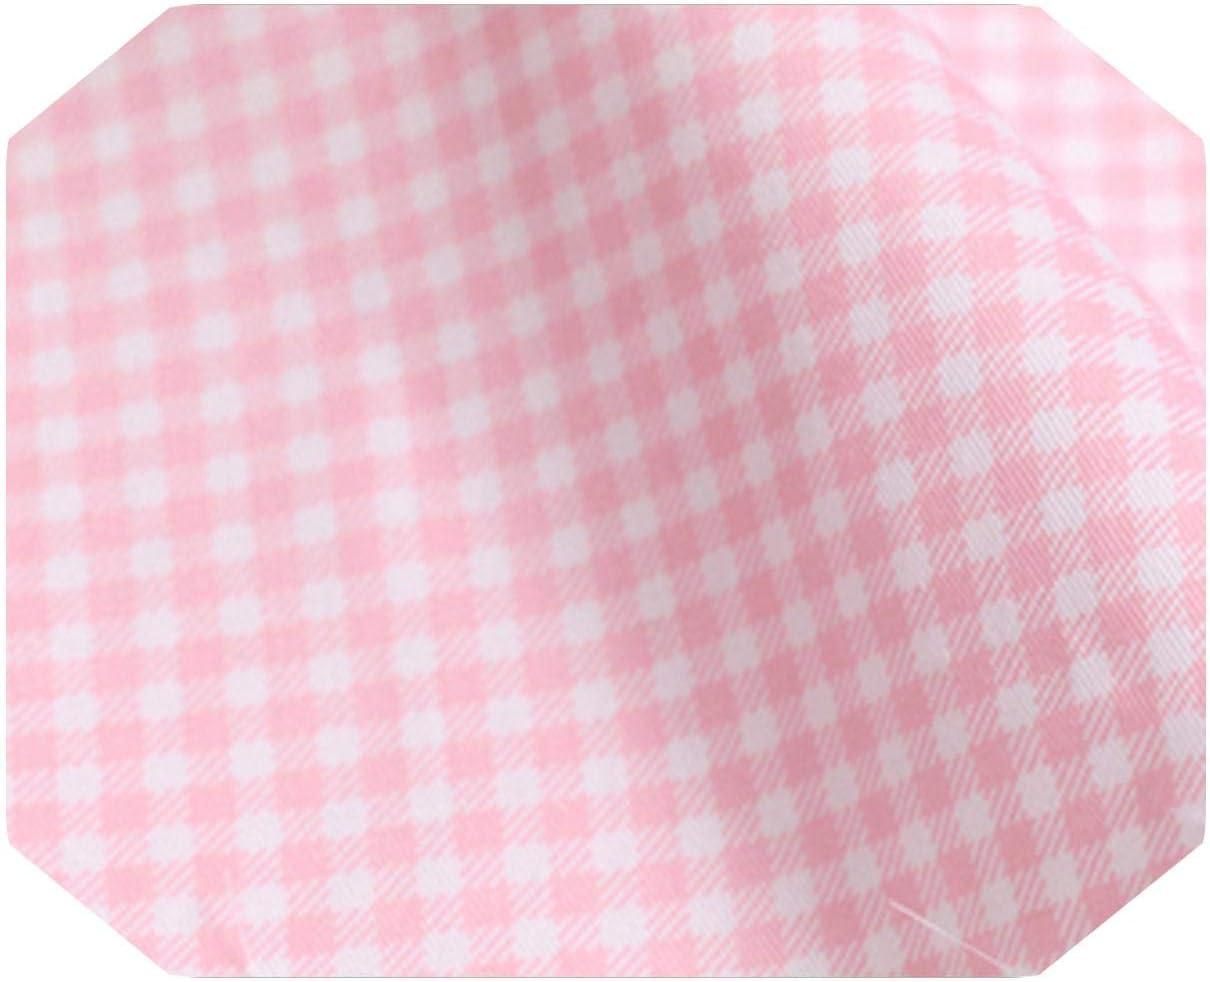 Tejido Para Tapicería | Flor impresa 100% tela de sarga de algodón tela de retazos de algodón para coser bricolaje acolchado cuartos gordos material para bebé y niño-blanco-50x80cm